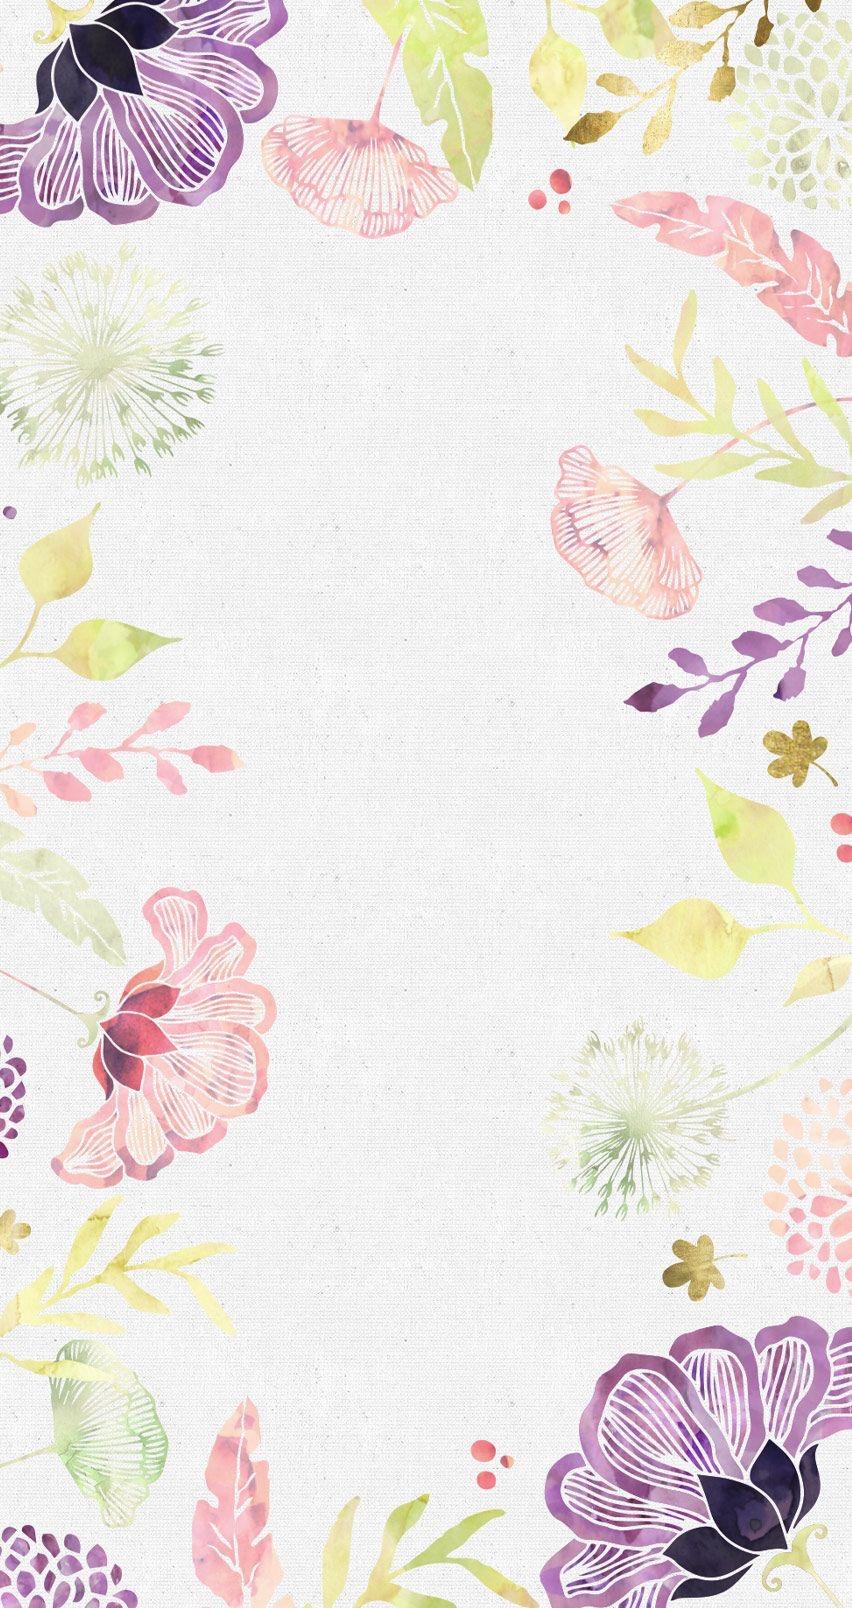 eebccfe-wallpaper-wp421346